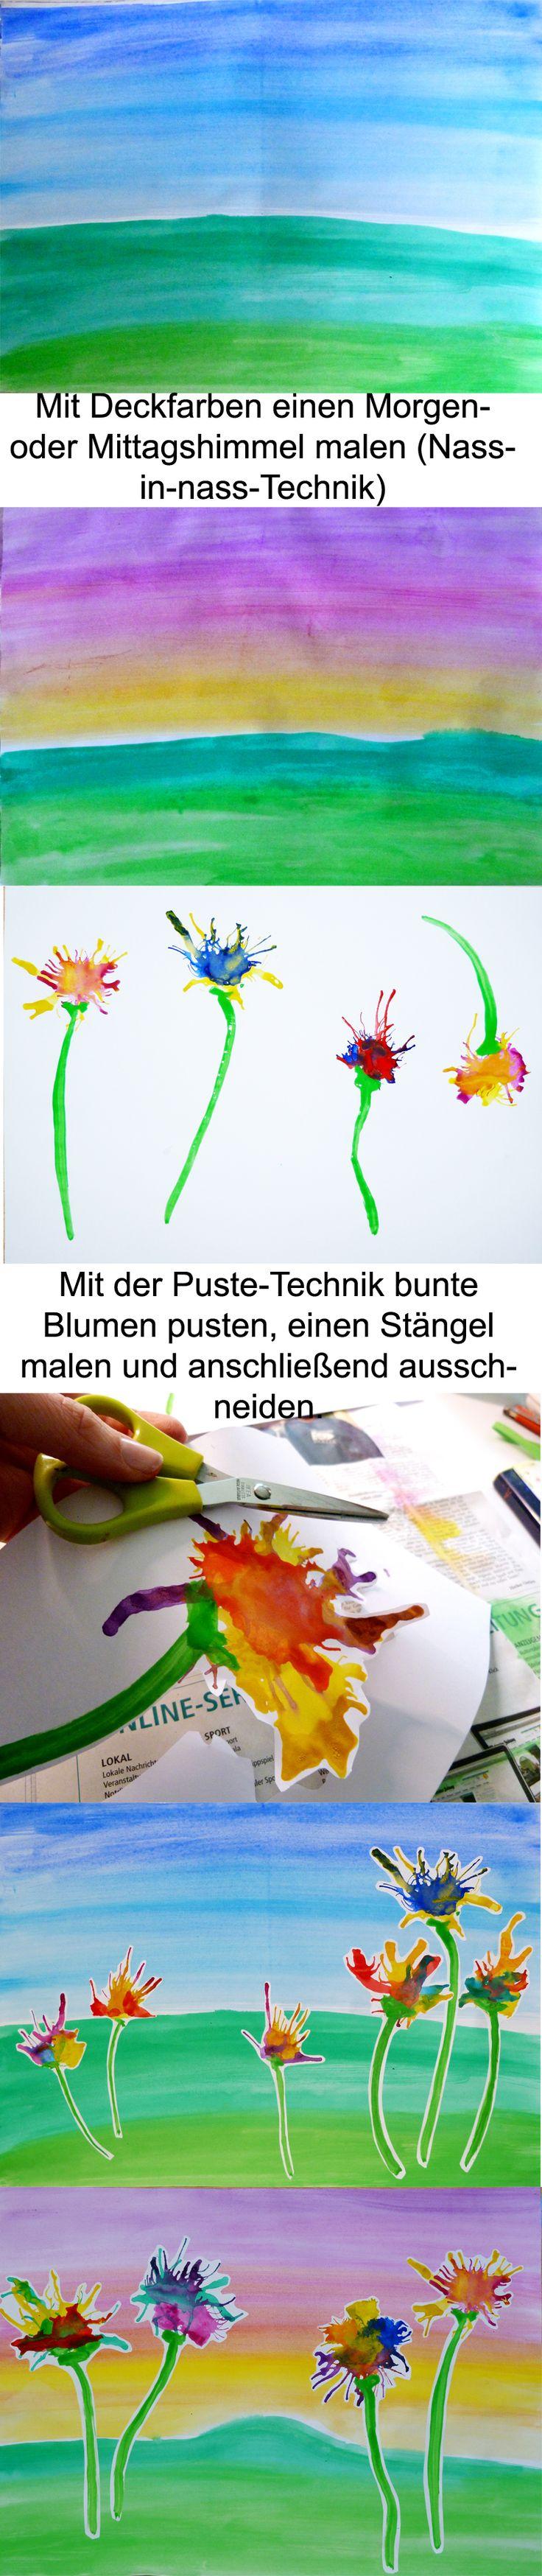 Frühling im Kunstunterricht der Grundschule. Zunächst werden Fotos von bunten Frühlingswiesen betrachtet: Vielfalt und Farbigkeit der Blumen herausstellen. Dann arbeiten die Schüler an ihren eigenen Frühlingswiesen (Puste-Technik).